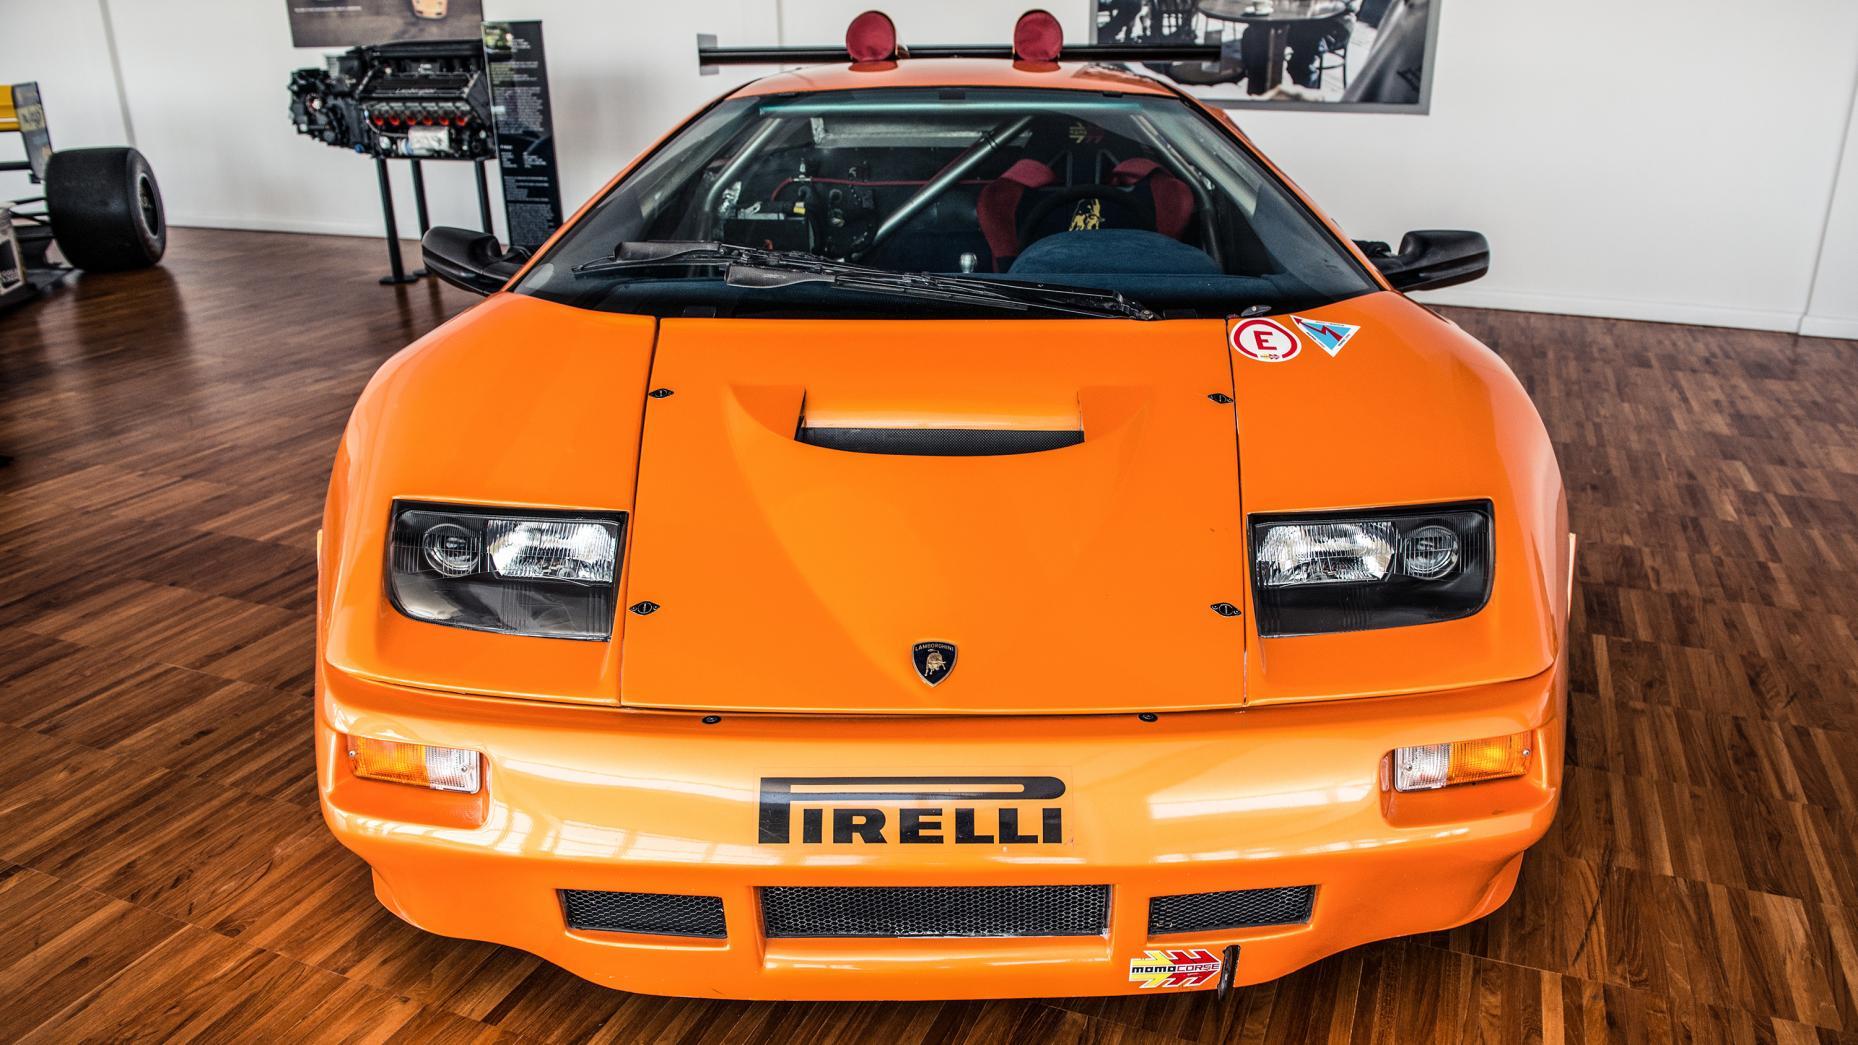 Cùng chiêm ngưỡng bảo tàng của siêu xe Lamborghini 13